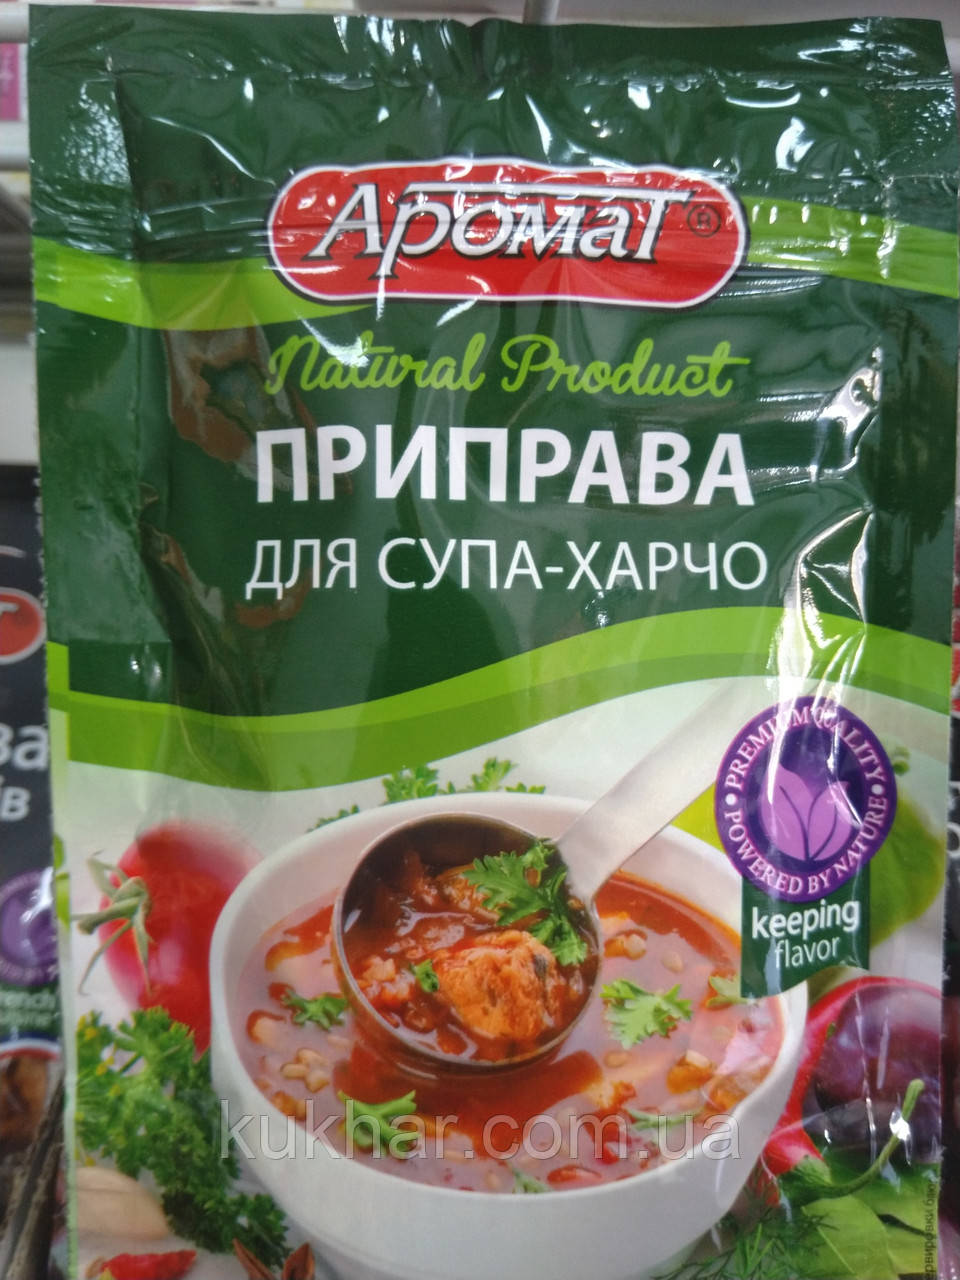 Приправа для Супа-Харчо 50г (не містить солі)